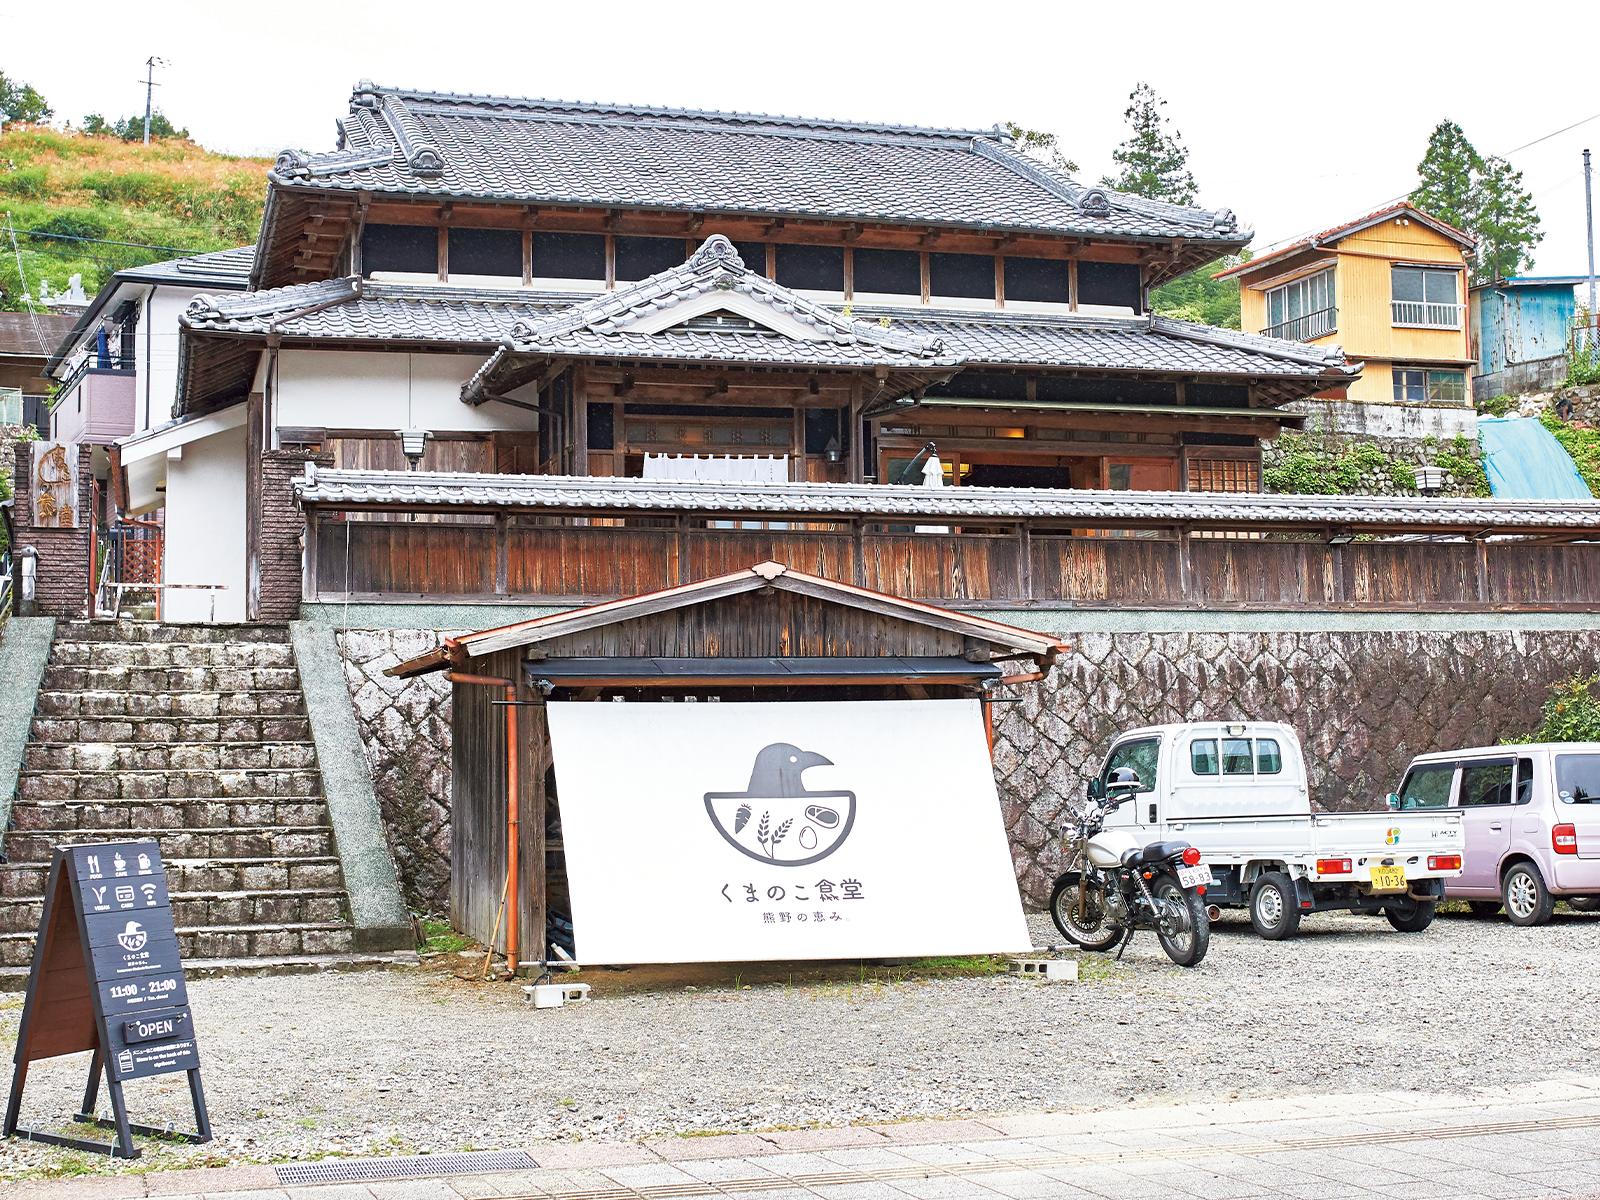 夏美さんは、西川流師範・西川美華茶としても活動。文化庁の後援で「日本舞踊子ども教室」を月2回開催中。